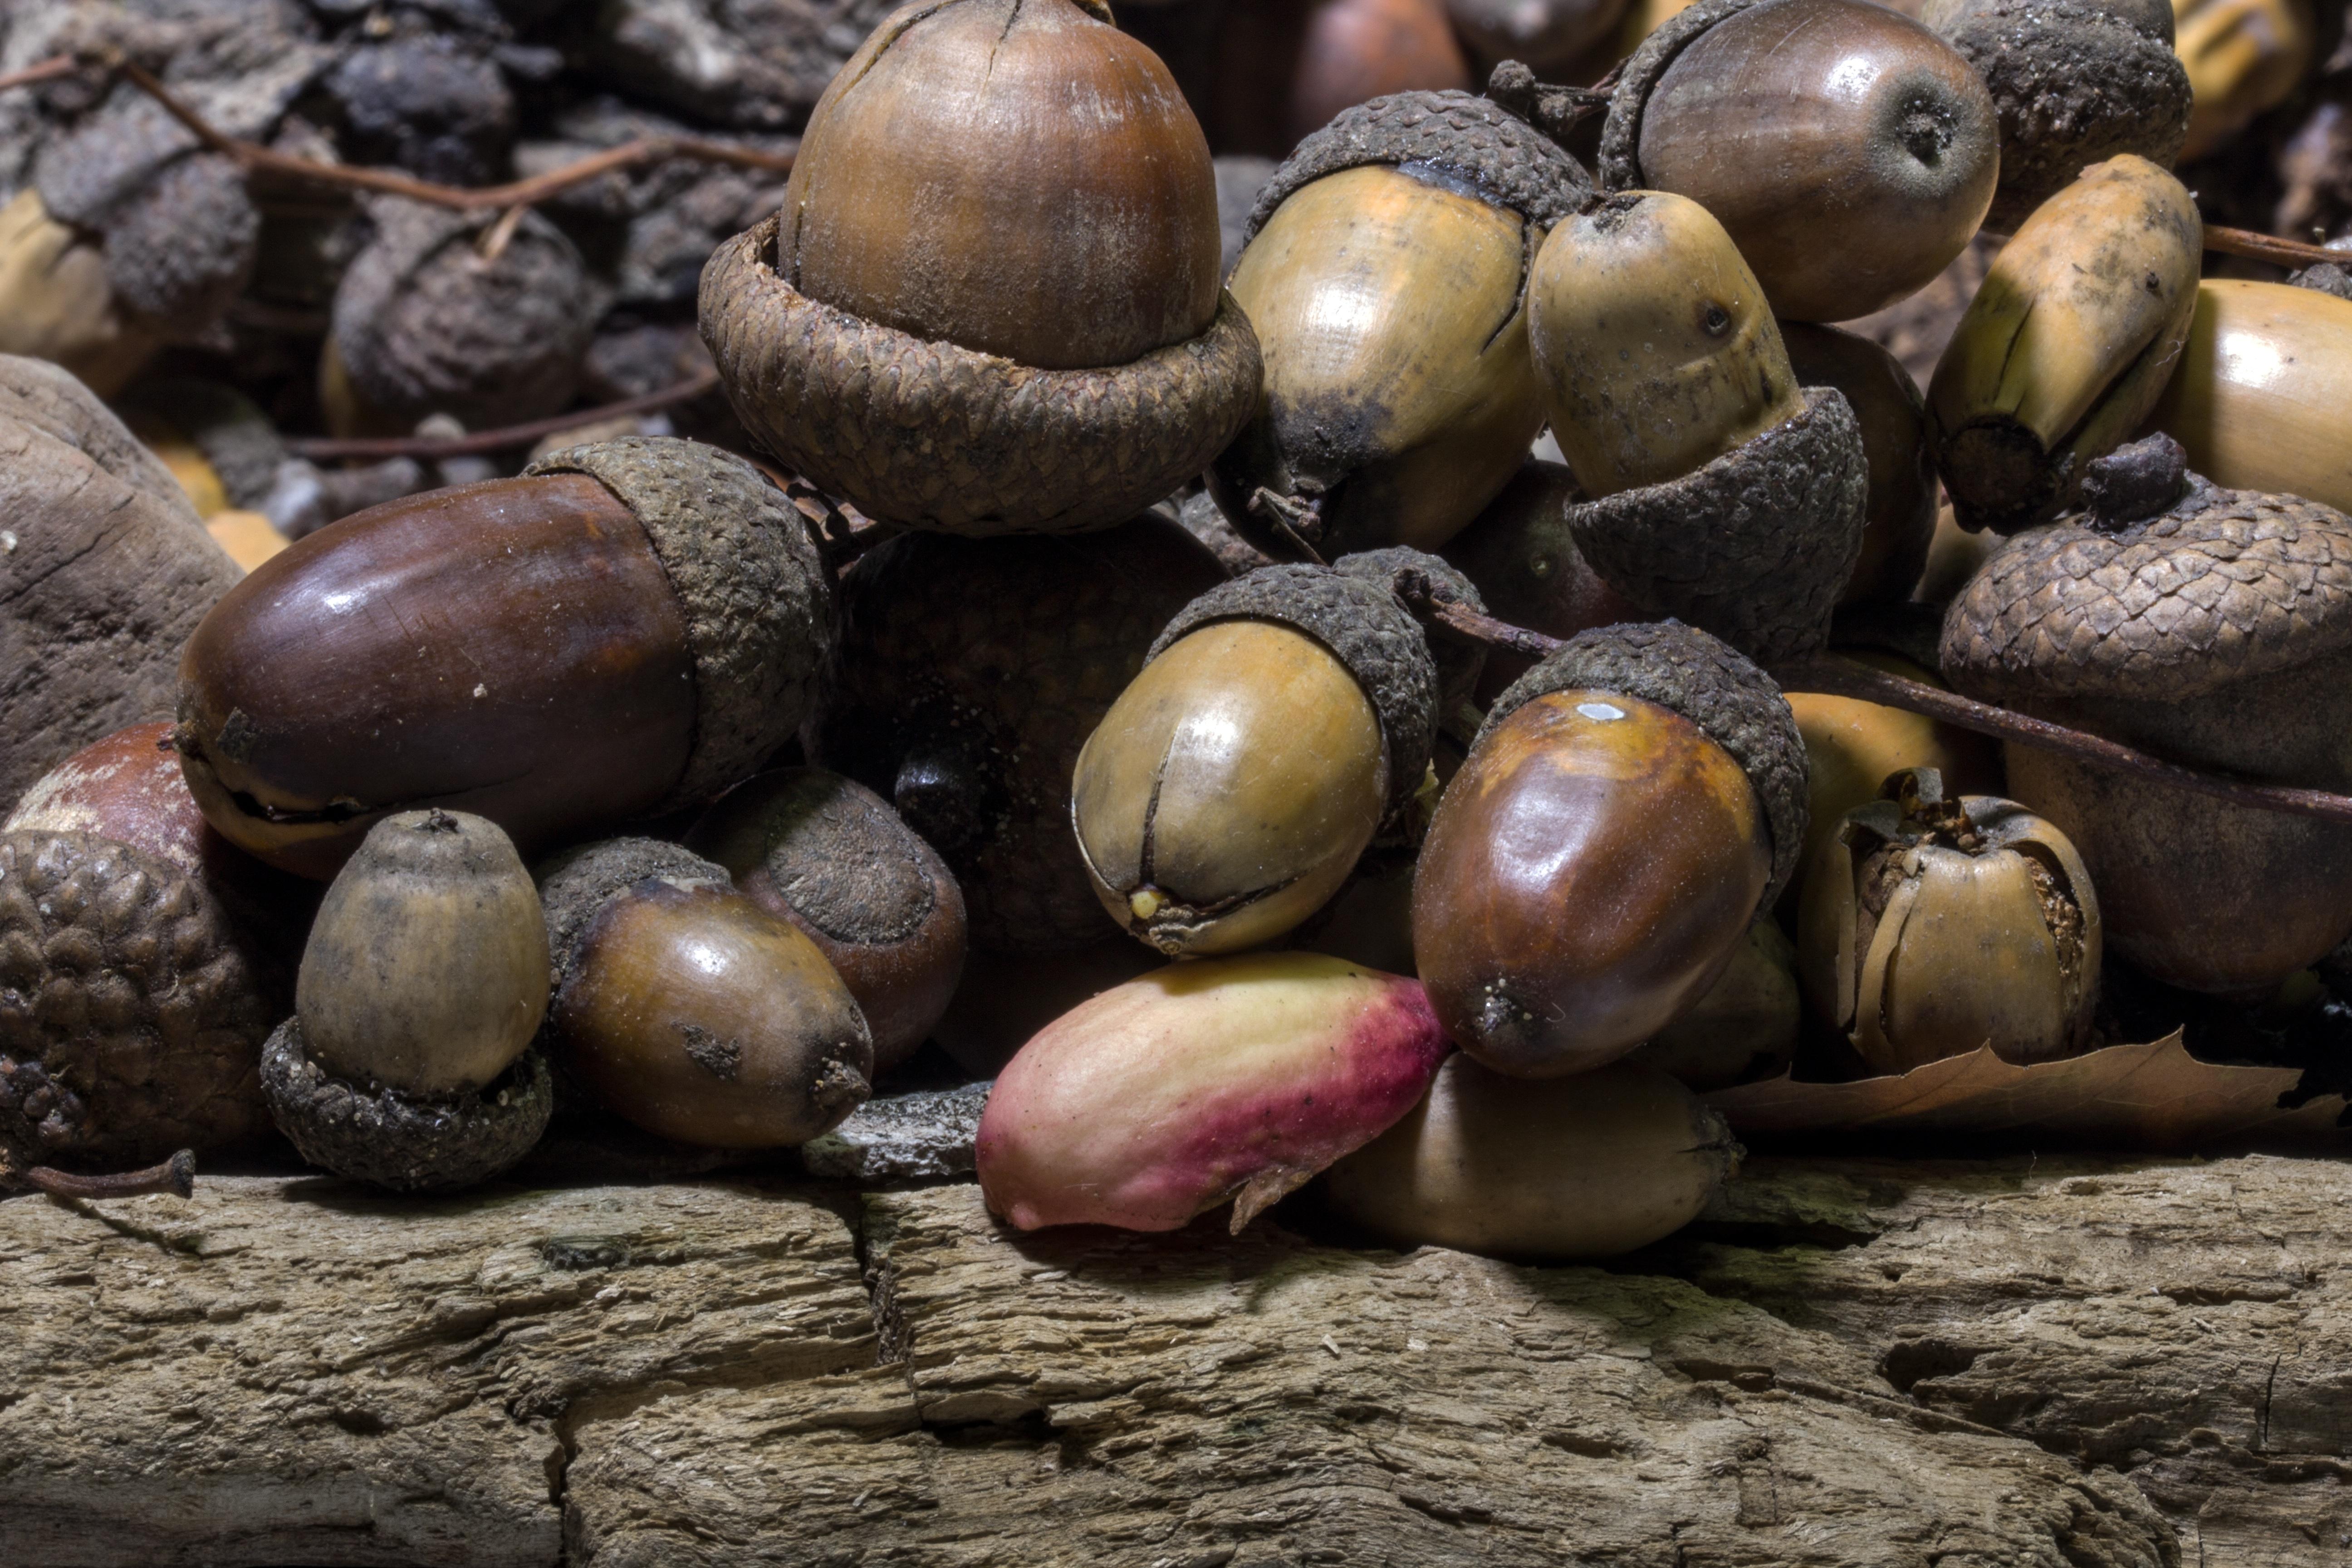 rừng món ăn Sản xuất Mùa thu Cây sồi Acorns Trái cây Oak fruit hạt dẻ